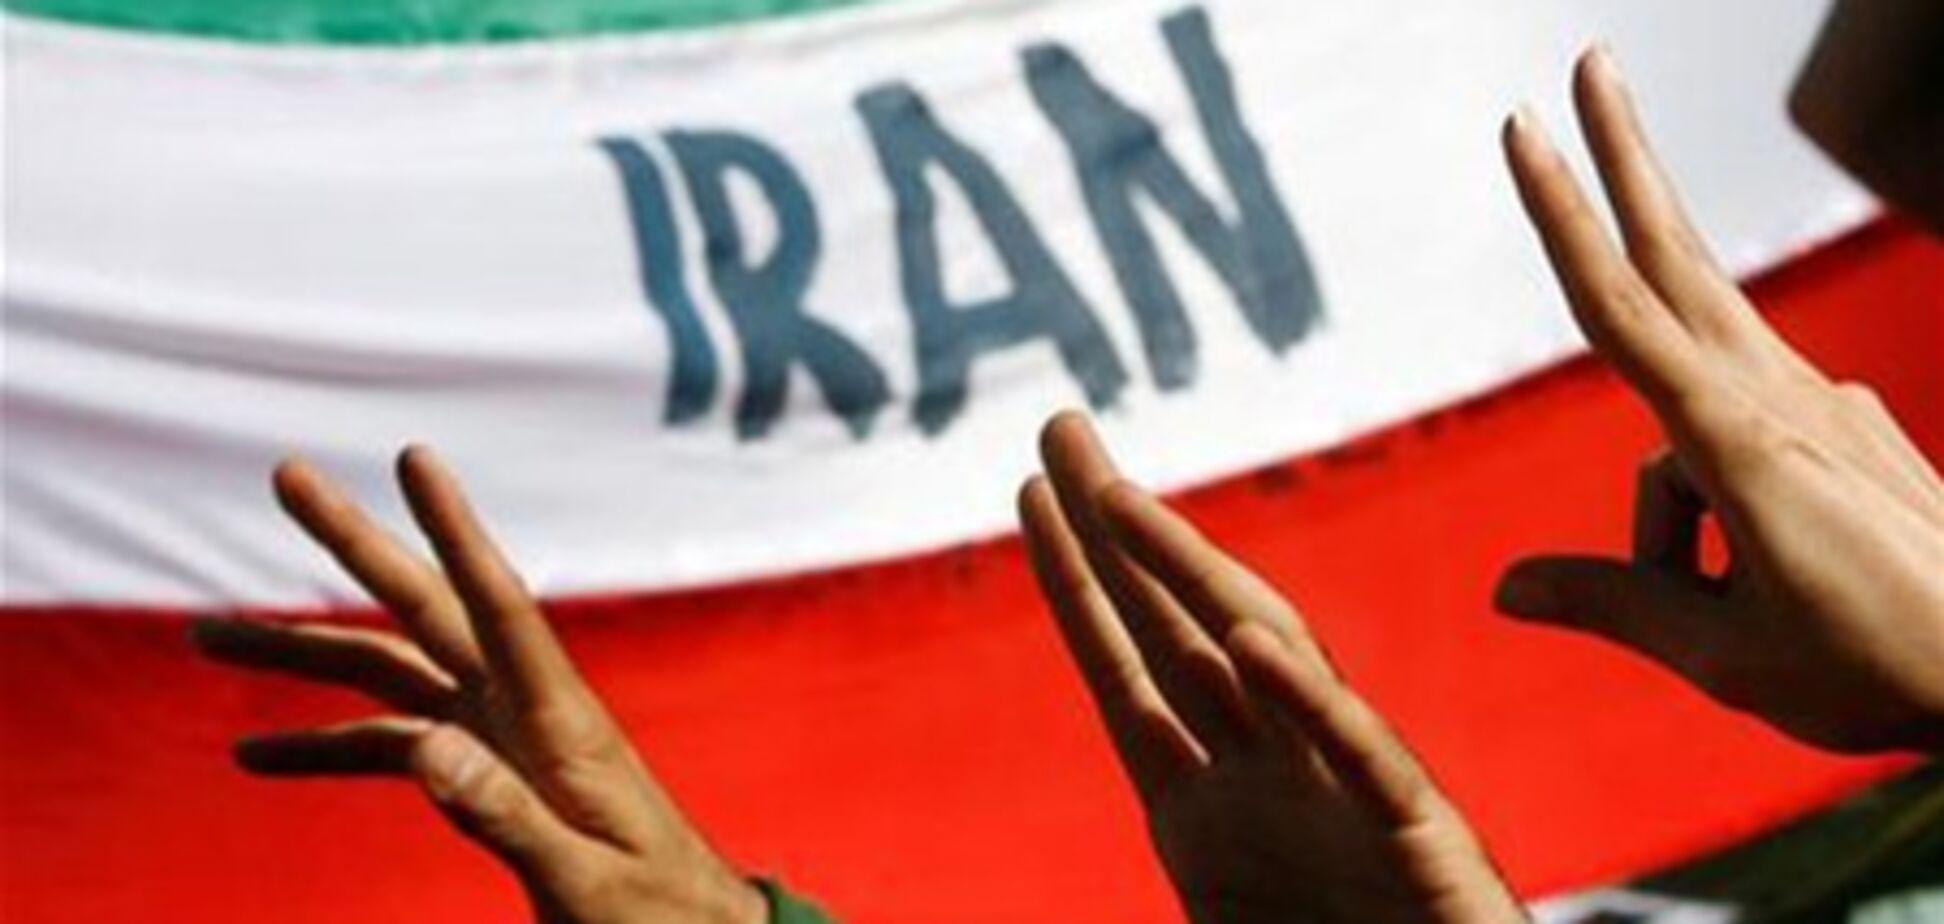 Іран створив перший ядерний паливний стрижень